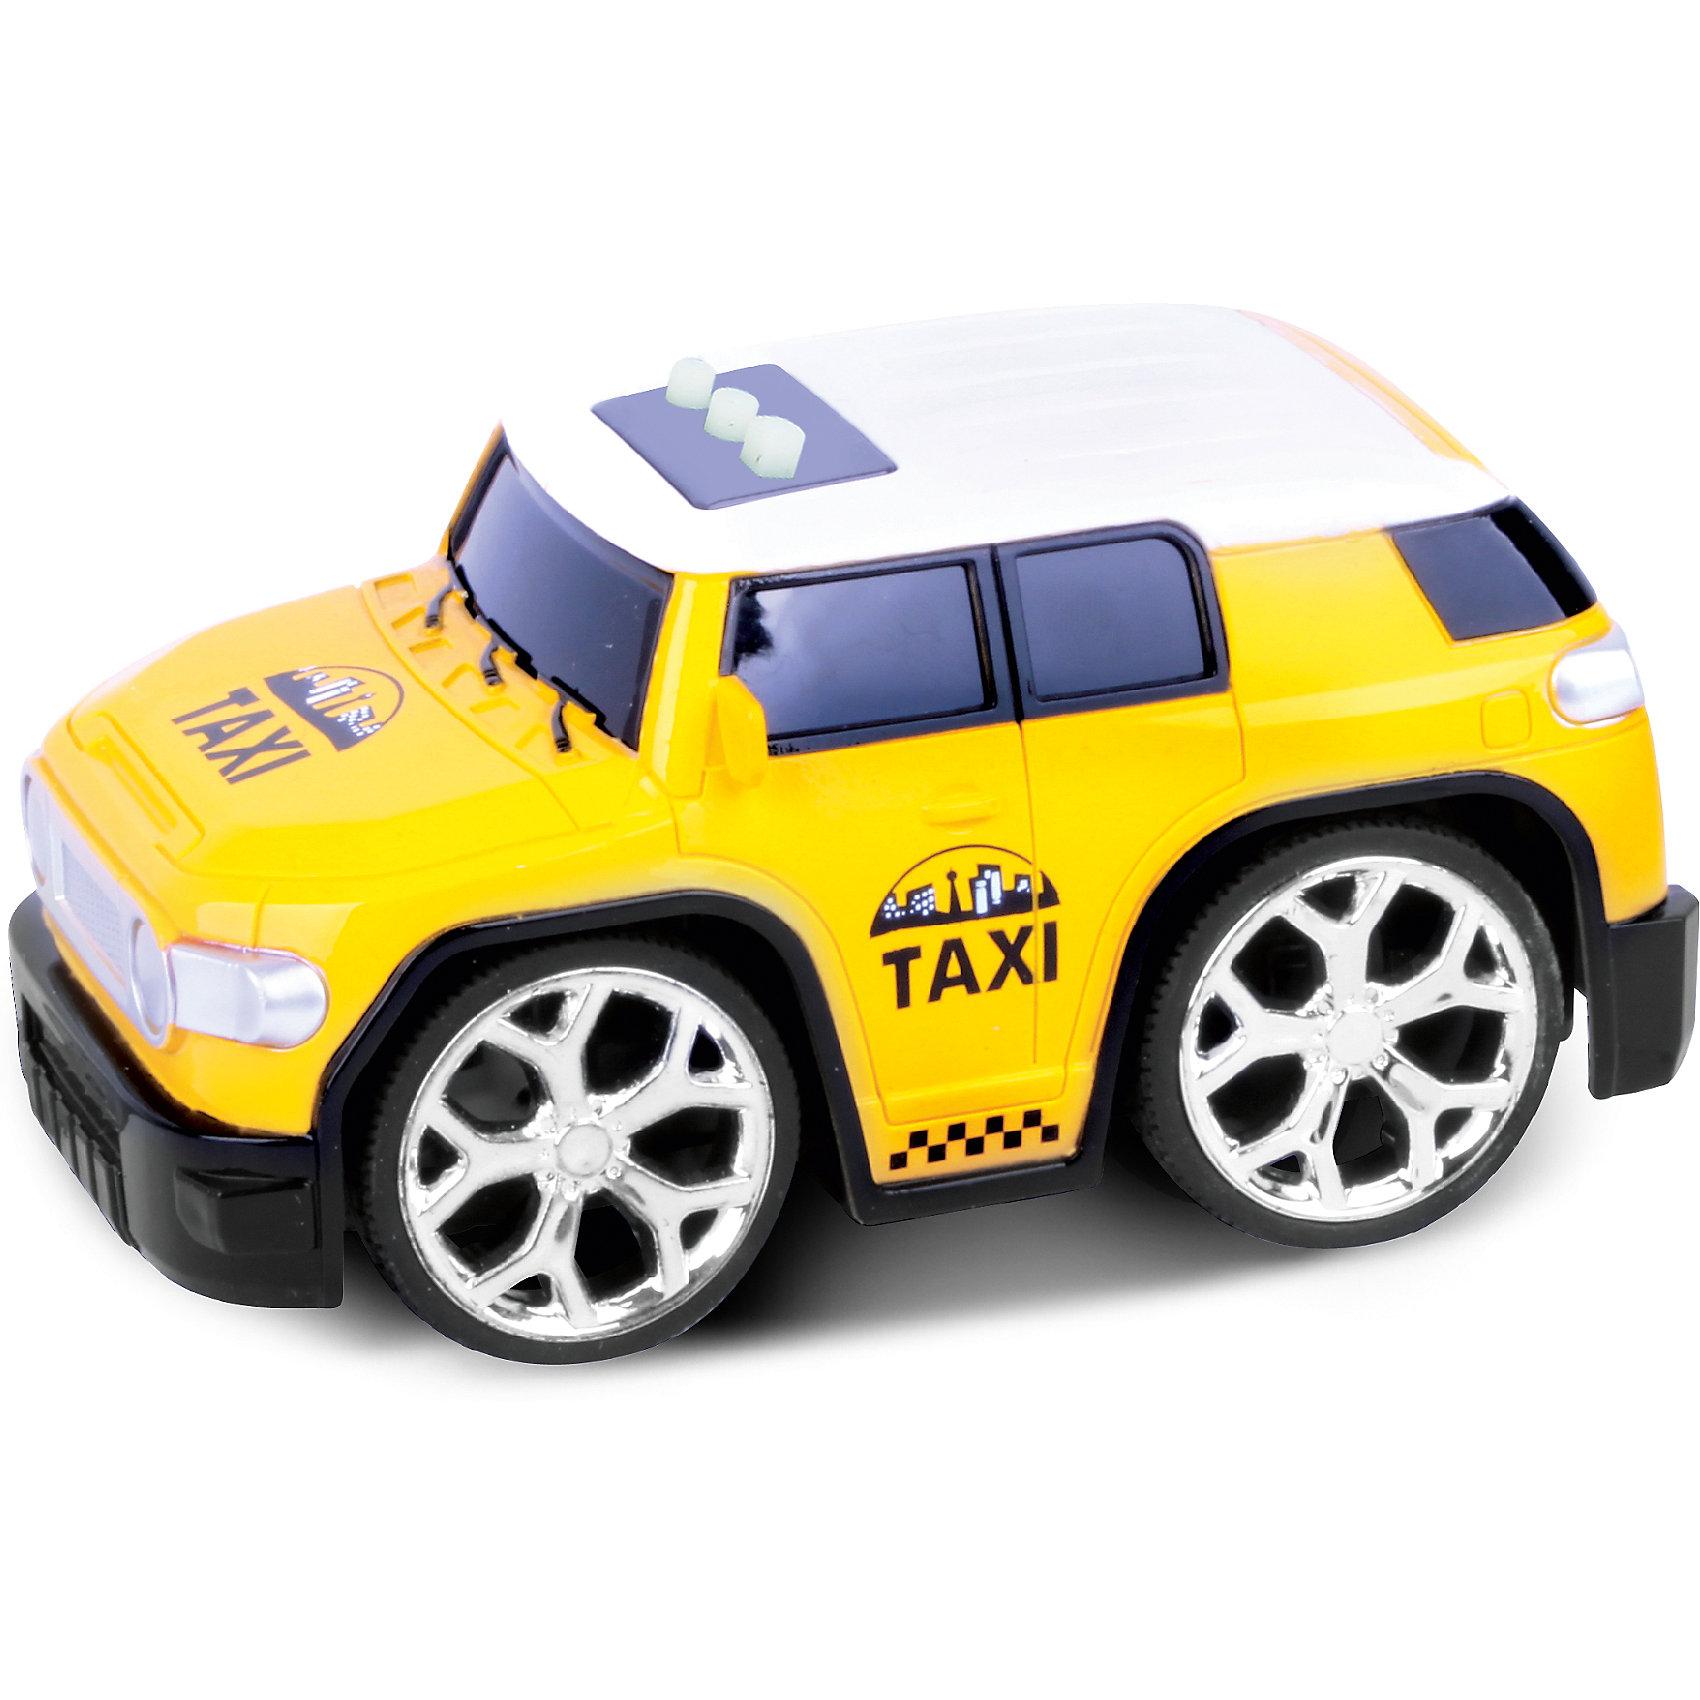 Машинка интерактивная со светом и звуком, лимонная, Blue SeaМашинки<br>Машинка интерактивная со светом и звуком, лимонная , Blue Sea (Блу Сии).<br><br>Характеристики:<br><br>- Цвет: лимонный.<br>- Состав: пластик,металл.<br>- Размер машины: 12,5х7х7 см<br>- Инерционная игрушка.<br><br>Машинка интерактивная со светом и звуком, лимонная, - .это отличная игрушка от бренда Blue Sea (Блу Сии). Эта маленькая машинка с большими колесами одна из целой серии интерактивных машинок. На ее крыше расположены 3 кнопки с интерактивными функциями. Запрограммированы следующие функции: воспроизведение звука запуска двигателя, воспроизведение мелодии, воспроизведение звука работающего двигателя и движение машинки вперед. Игрушка выполнена из качественных сертифицированных материалов.<br><br>Машинку интерактивную со светом и звуком, лимонная, Blue Sea (Блу Сии), можно купить в нашем интернет - магазине.<br><br>Ширина мм: 162<br>Глубина мм: 105<br>Высота мм: 115<br>Вес г: 210<br>Возраст от месяцев: 36<br>Возраст до месяцев: 2147483647<br>Пол: Мужской<br>Возраст: Детский<br>SKU: 5419365